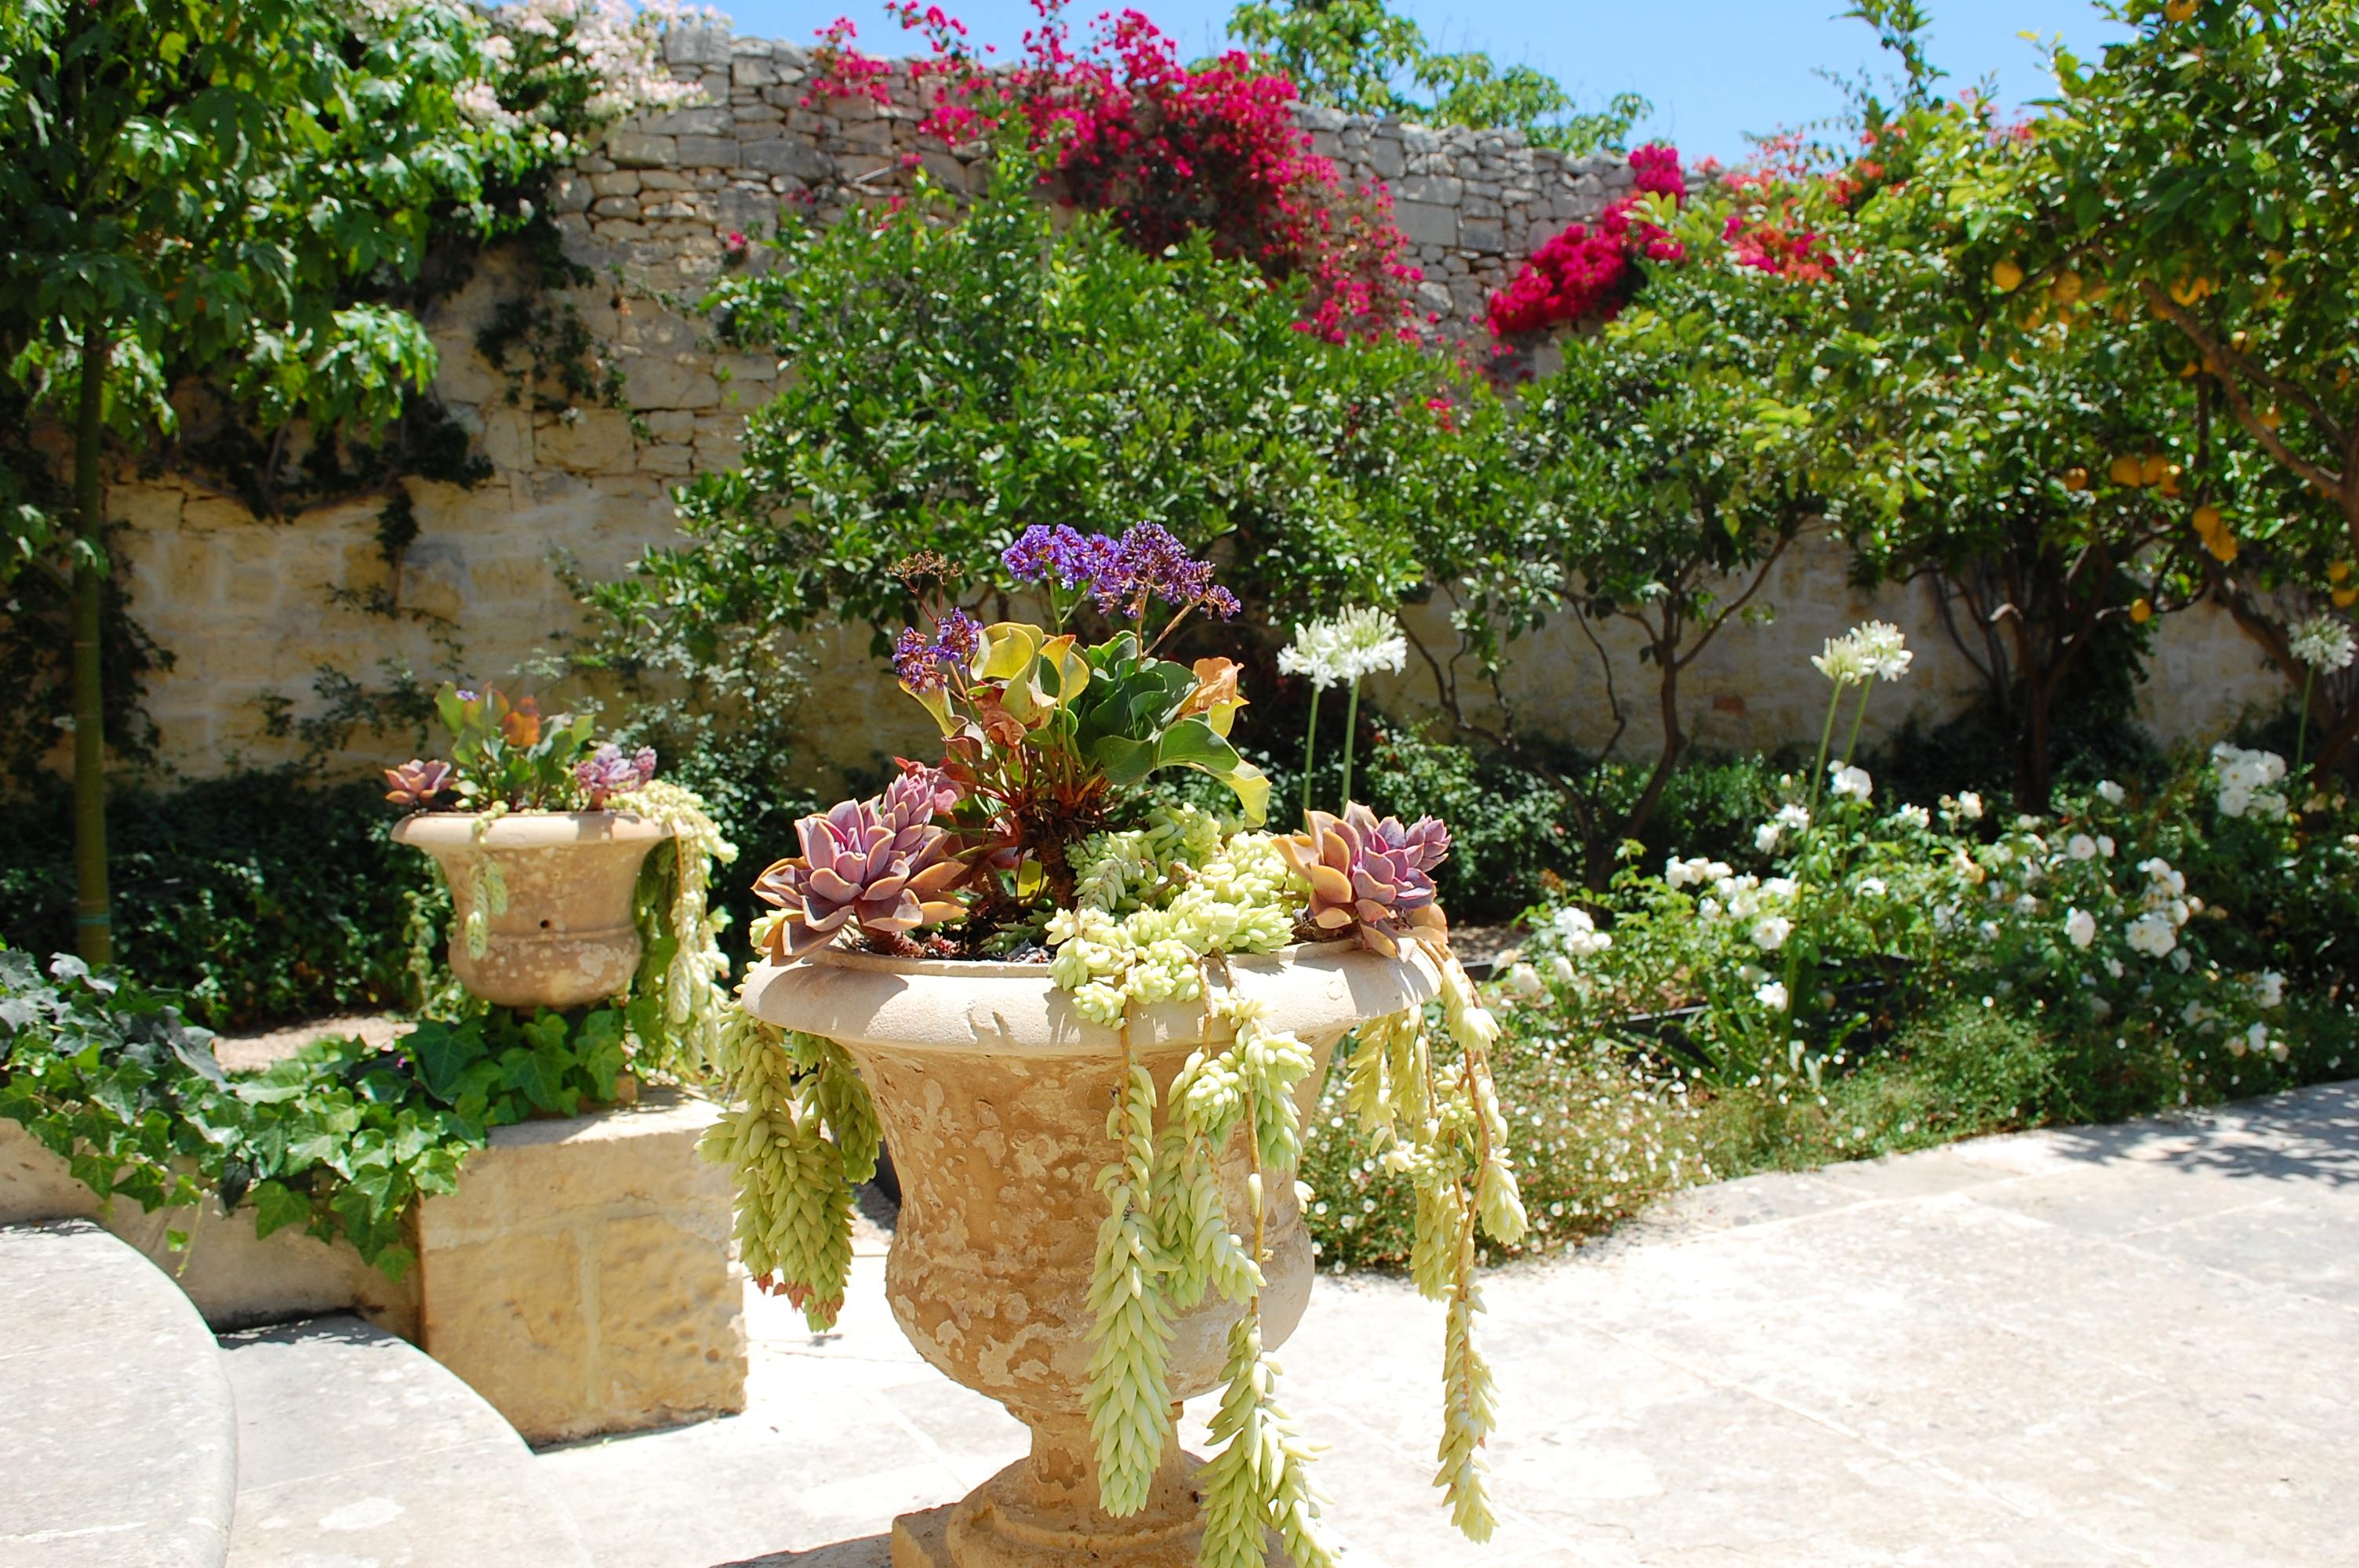 In Mediterranean Bliss